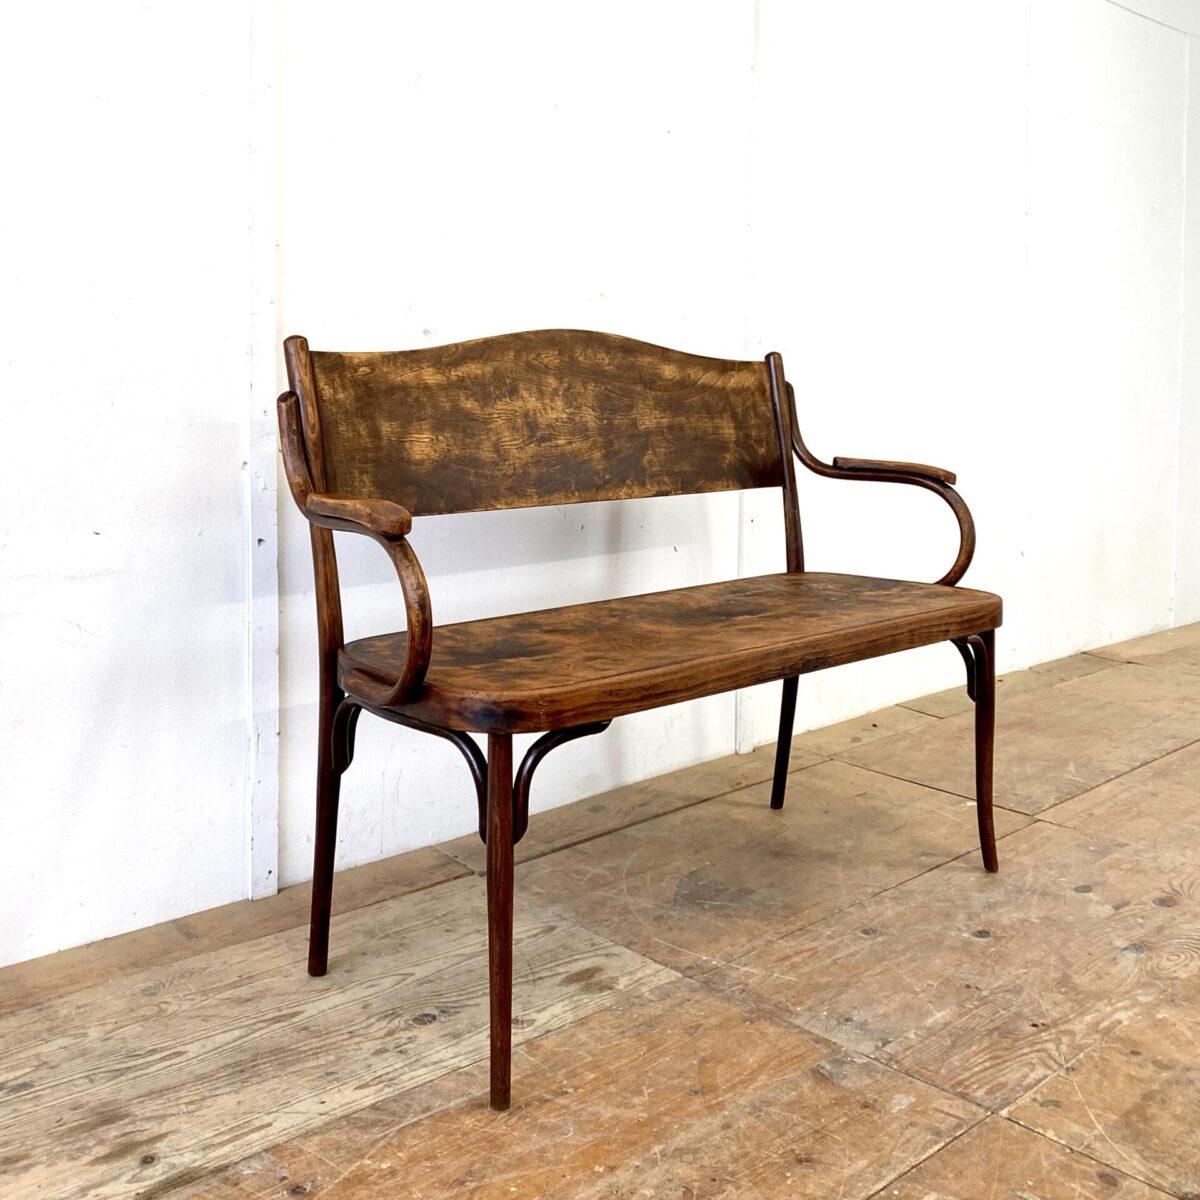 Deuxieme.shop Rare Thonet bench. Antike Bugholz Sitzbank mit Armlehnen. Gesamtlänge 127cm. Die Bank ist schon ziemlich verbraucht, es ist jedoch alles in funktionalem stabilen Zustand. Ein Hersteller ist nicht ersichtlich, verschiedene Firmen wie Thonet, Fischel, Kohn etc. Haben Bänke in der Art hergestellt. Ähnliche oder die gleichen Armlehnen haben wir bei Thonet und Kohn gefunden.